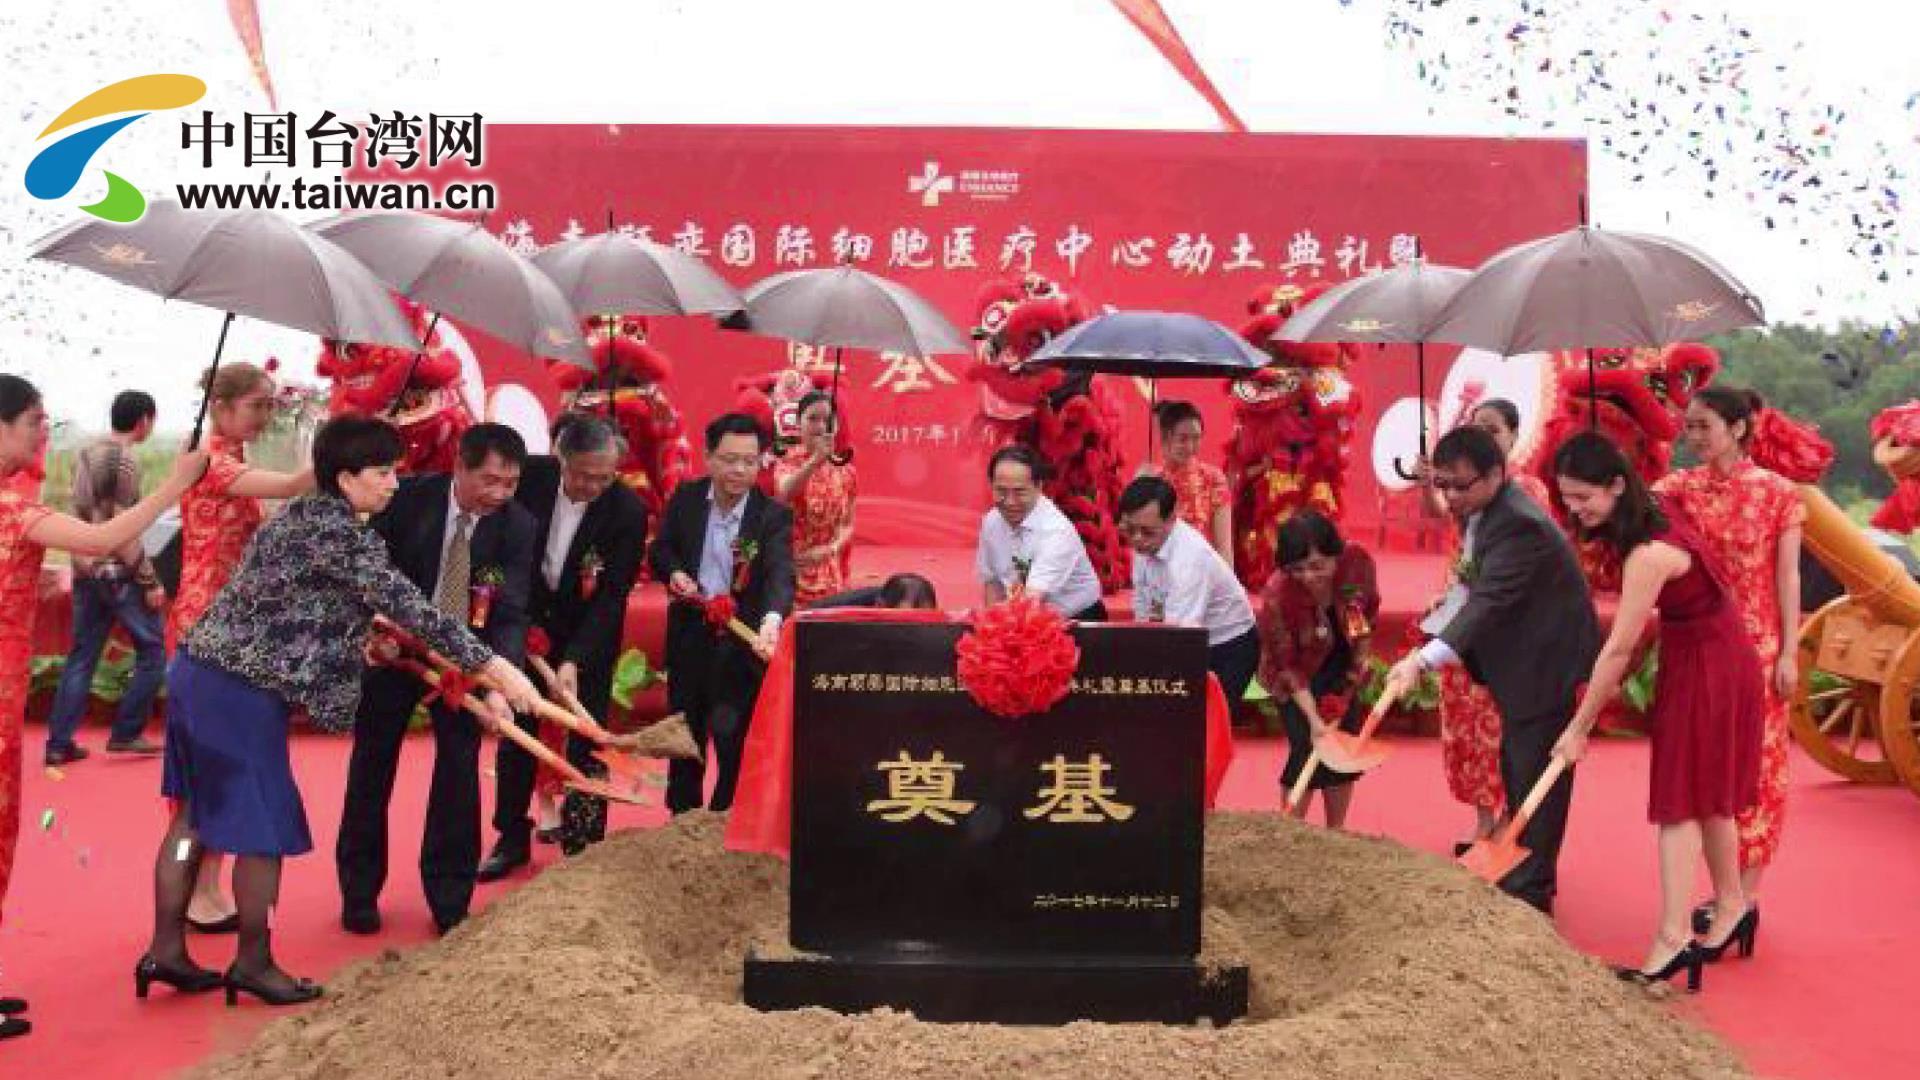 海南引进台湾人才 促进两岸融合发展图片